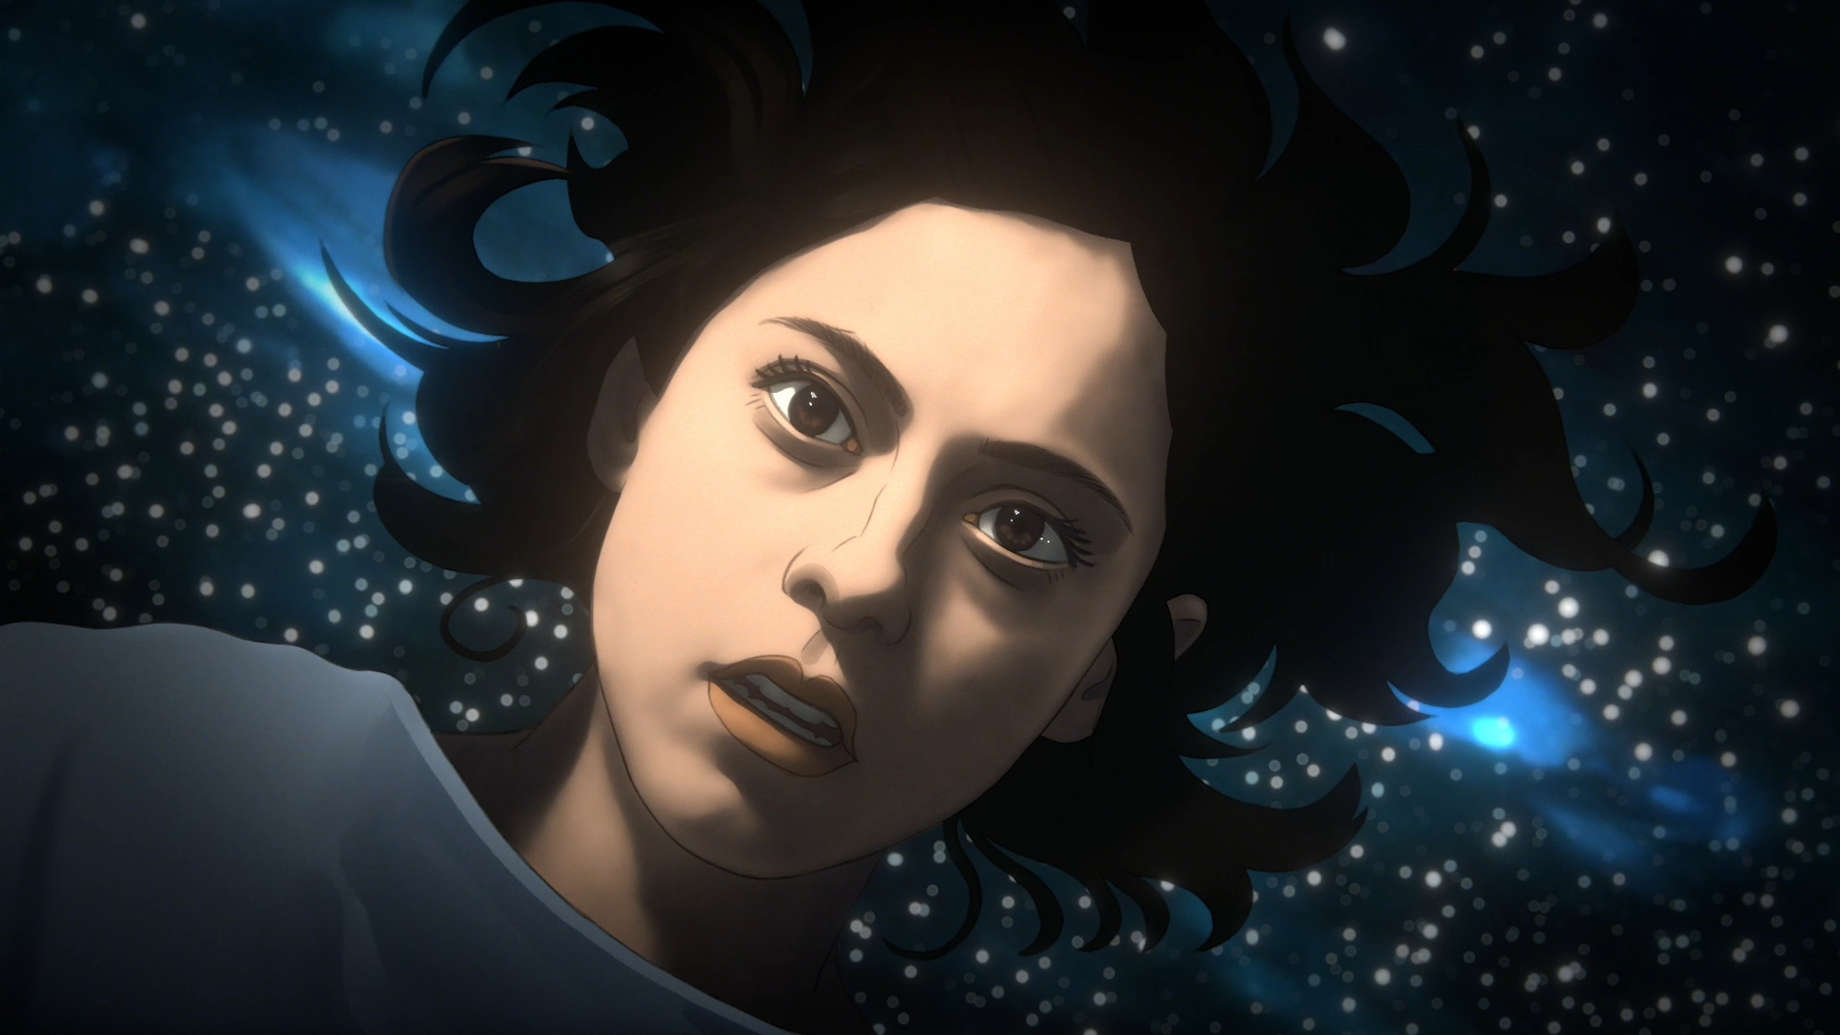 Αποτέλεσμα εικόνας για Undone tv series